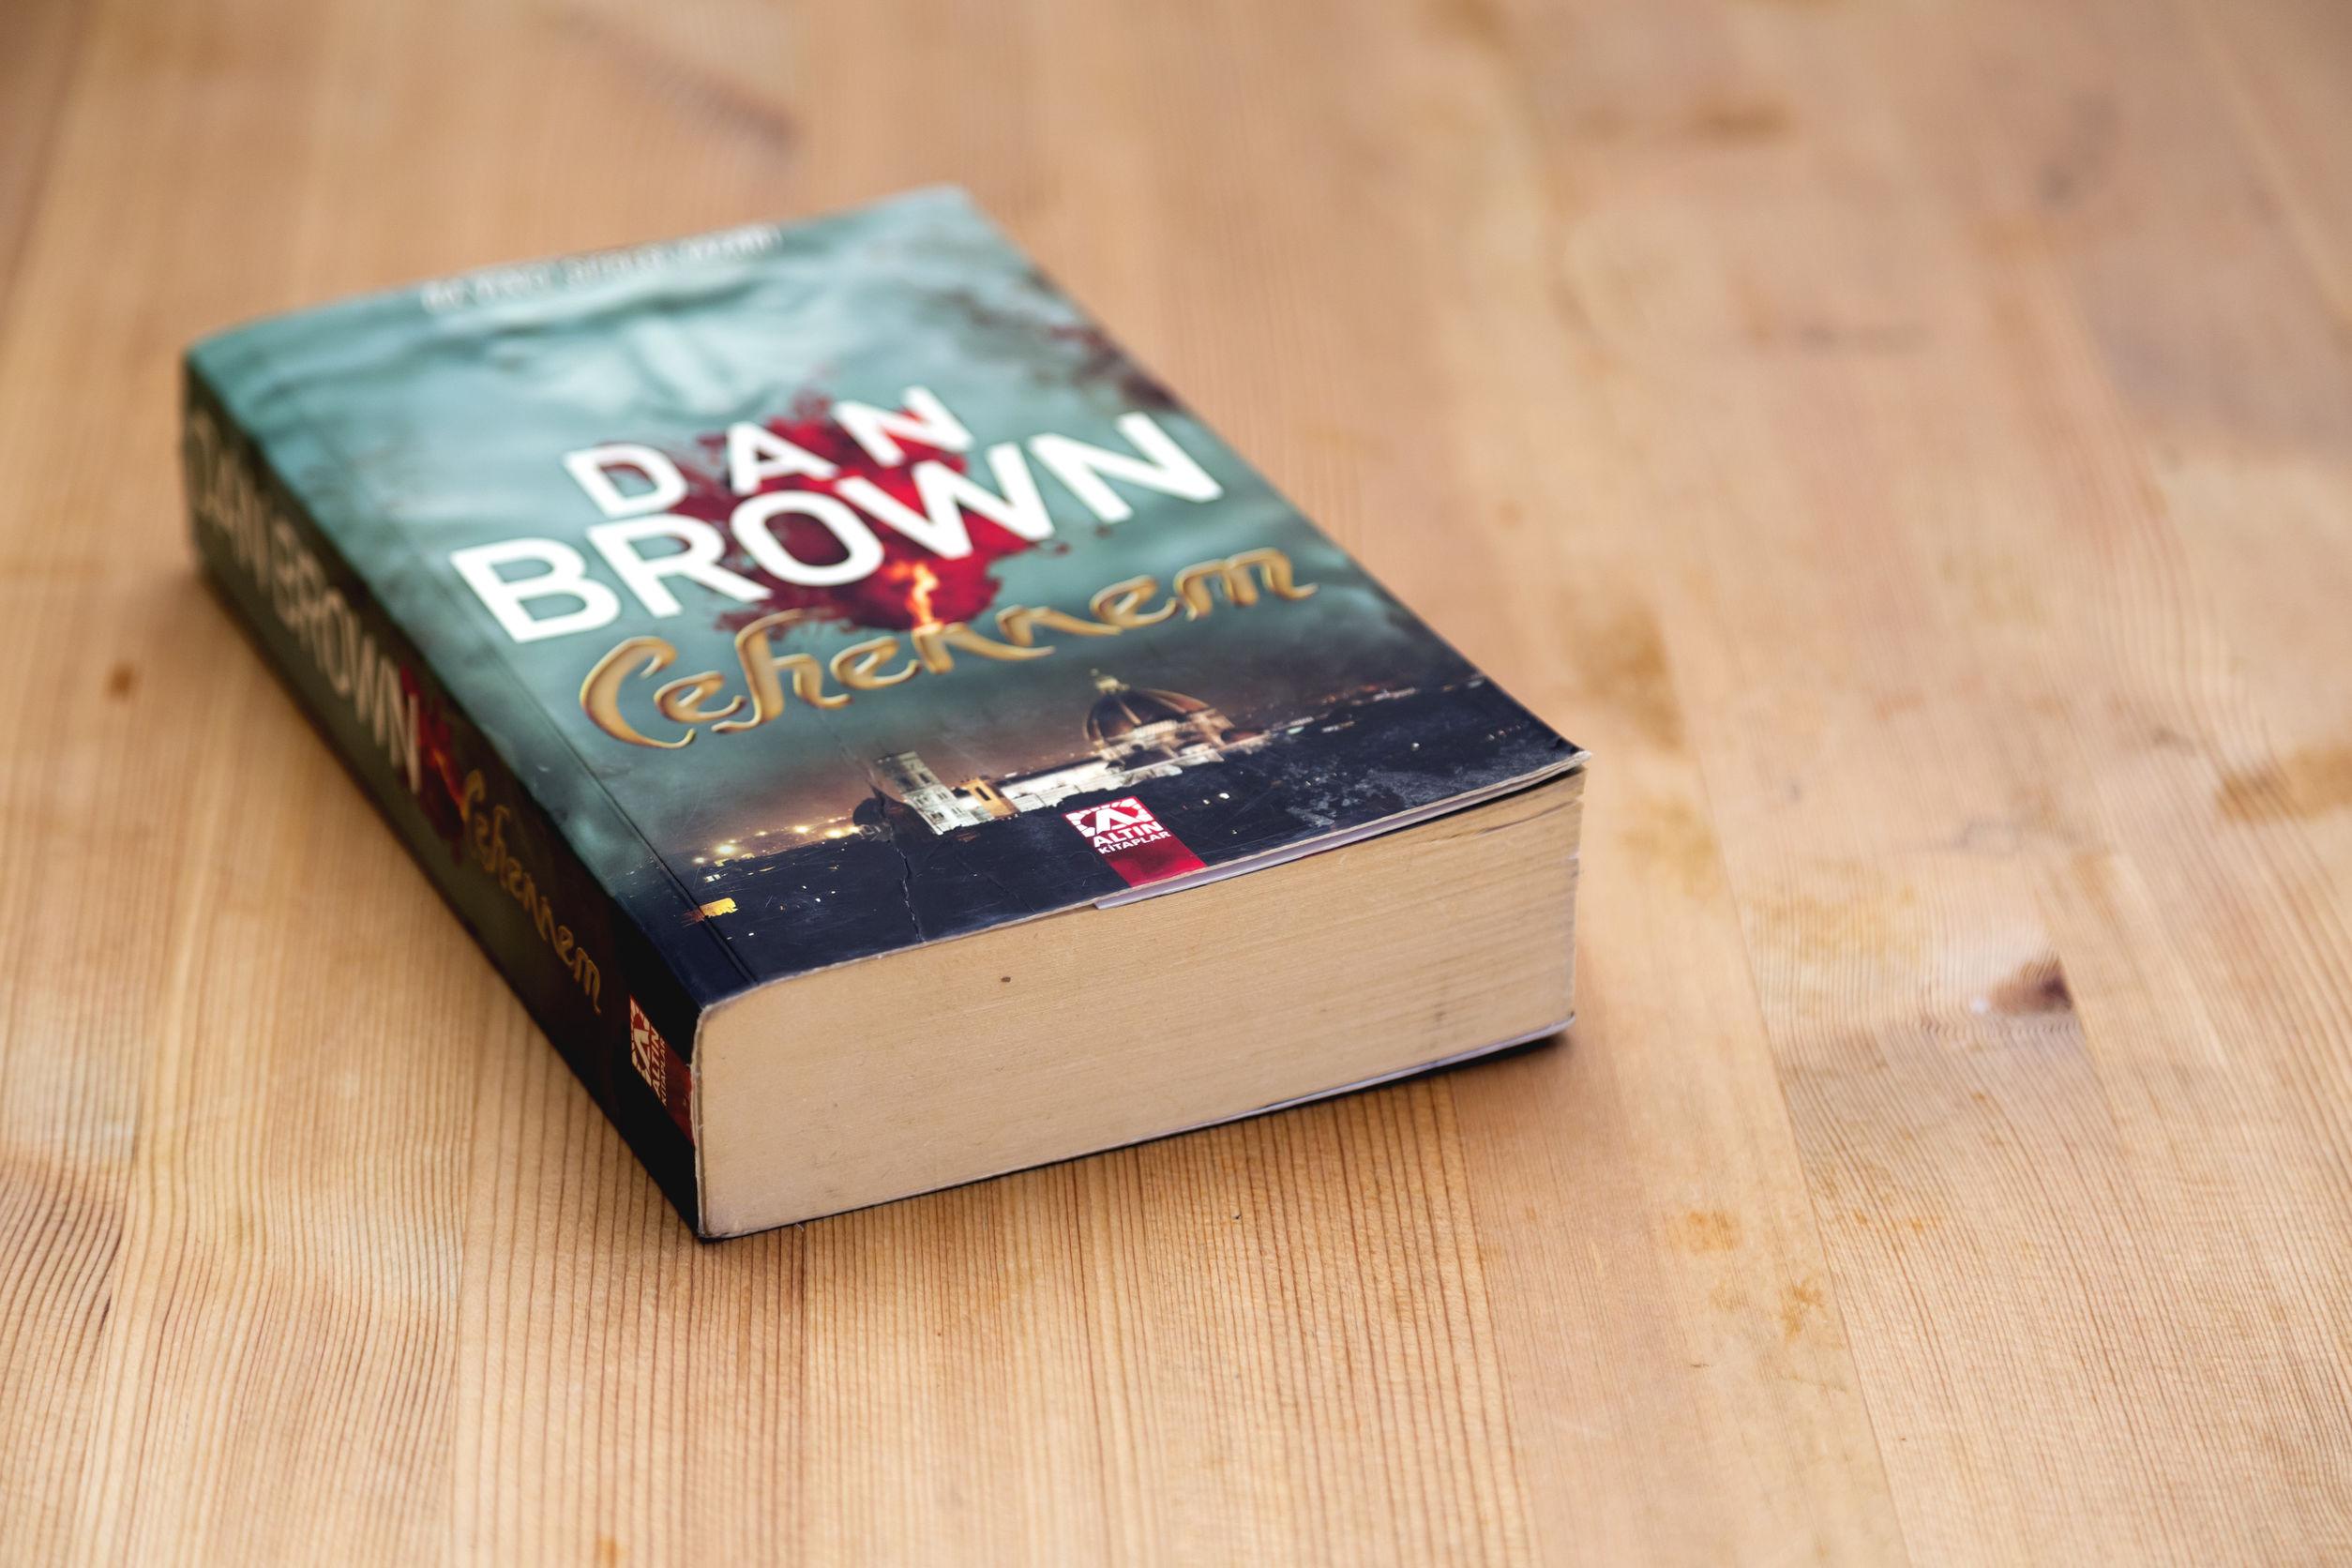 Imagem mostra um livro do autor Dan Brown, com a capa para cima, apoiado numa superfície de madeira.